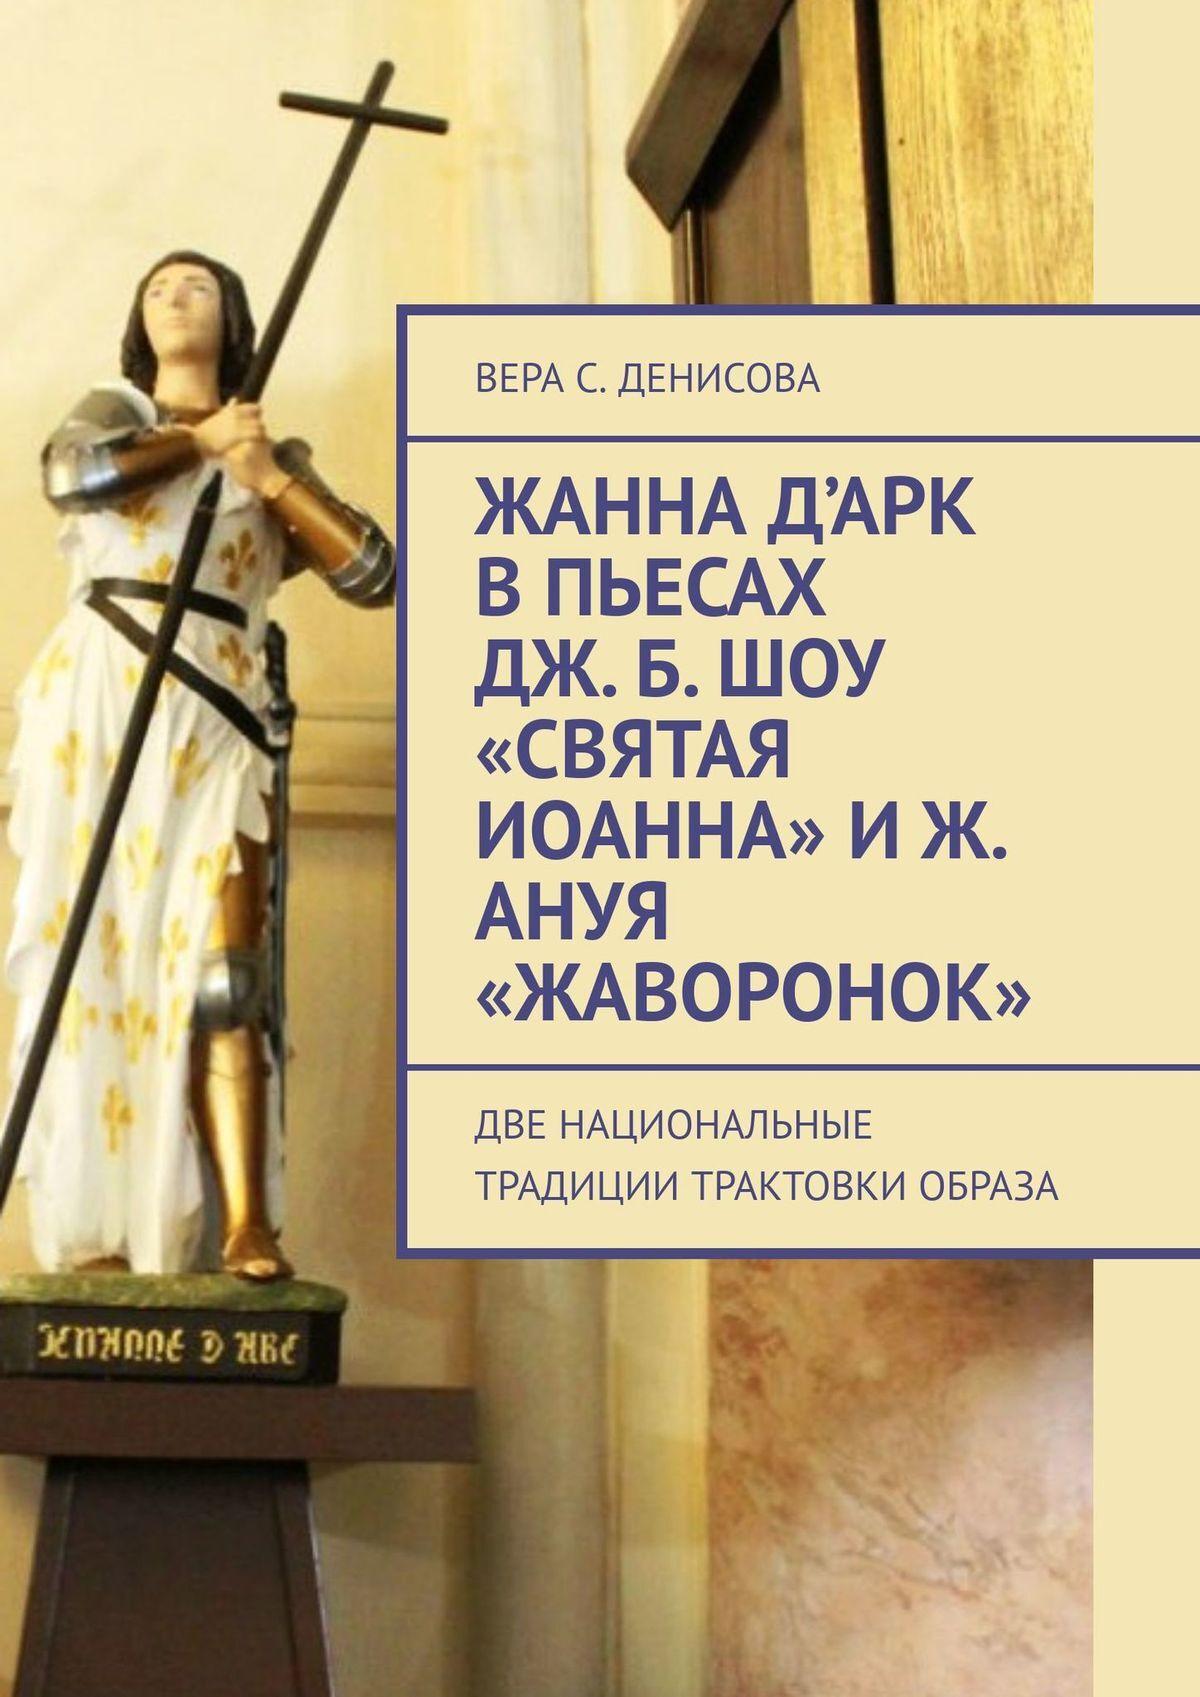 Жанна д'Арк в пьесах Дж. Б. Шоу «Святая Иоанна» и Ж. Ануя «Жаворонок». Две национальные традиции трактовки образа